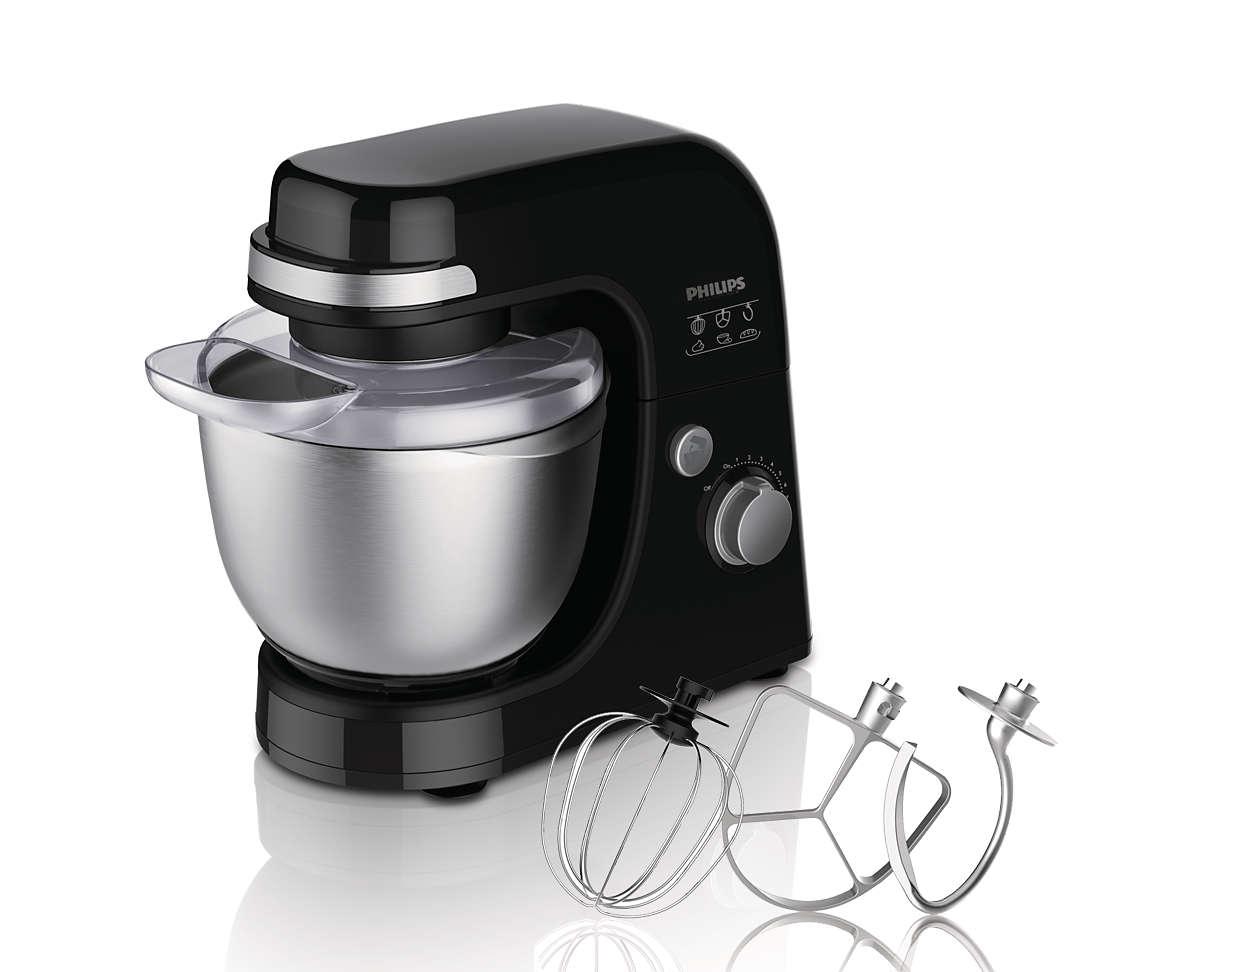 Modern Exhibition Stand Mixer : Viva collection kitchen machine hr philips